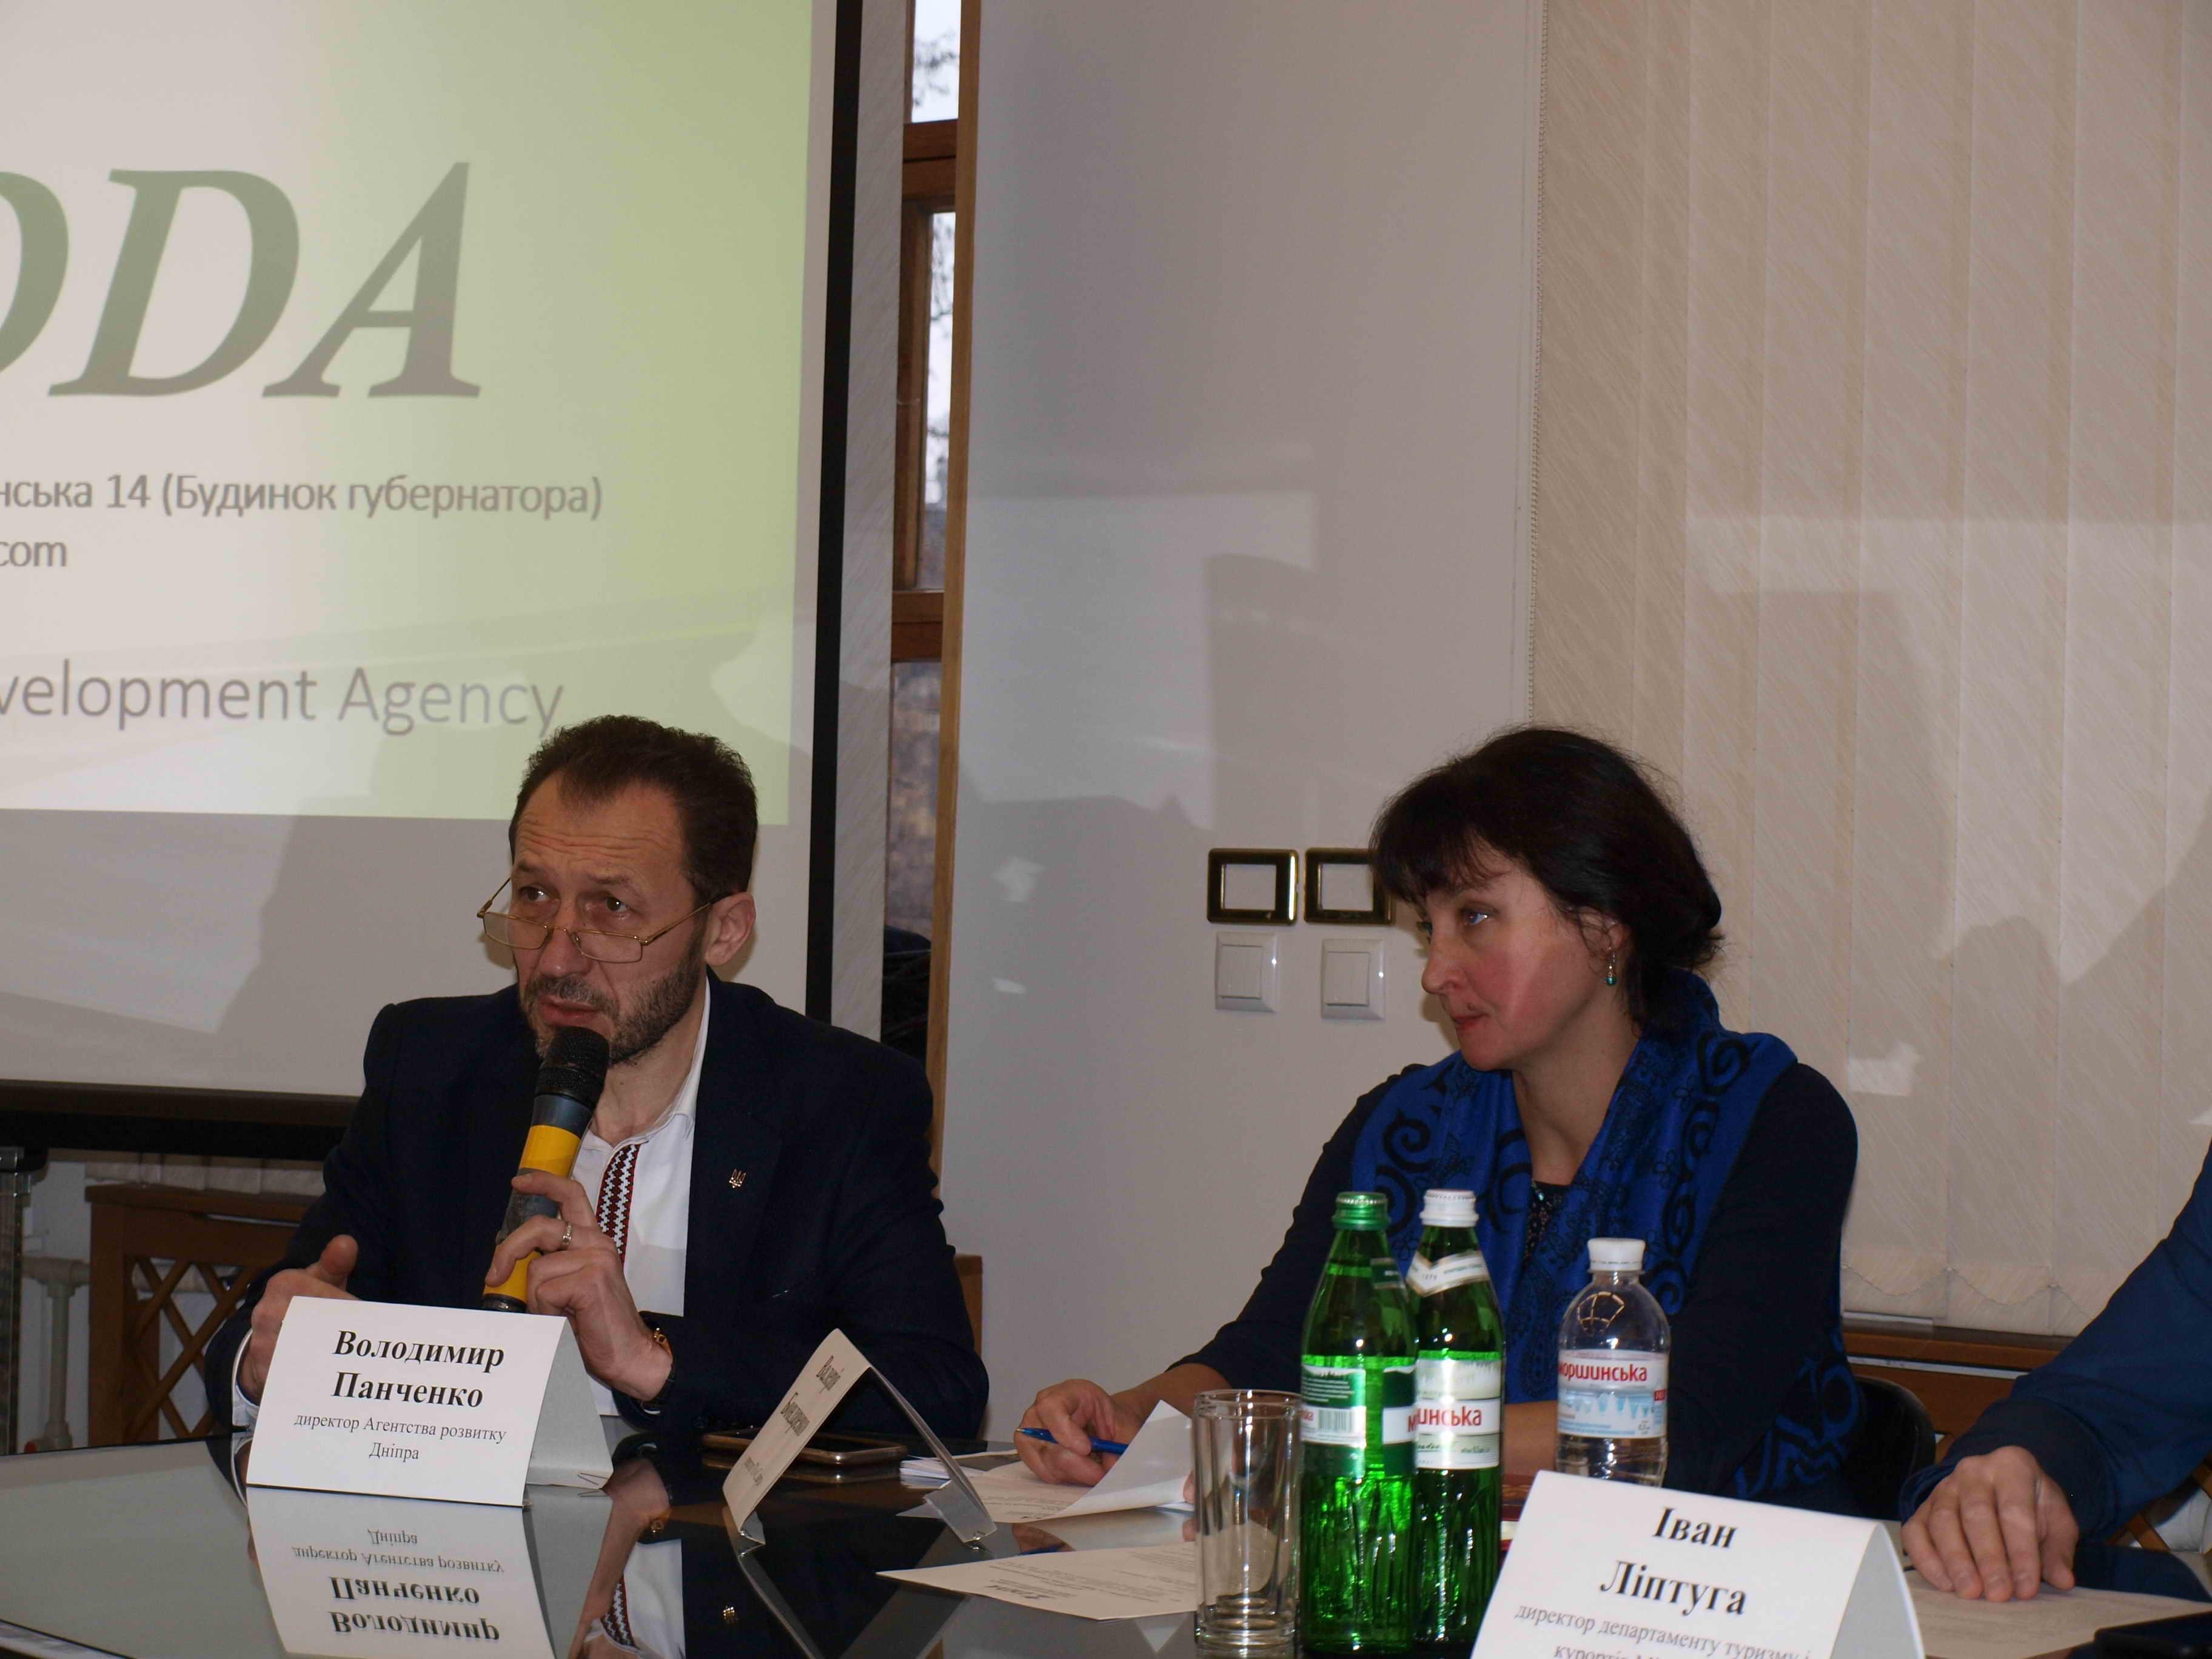 В Агентстві розвитку Дніпра обговорили перспективи туристичної галузі міста